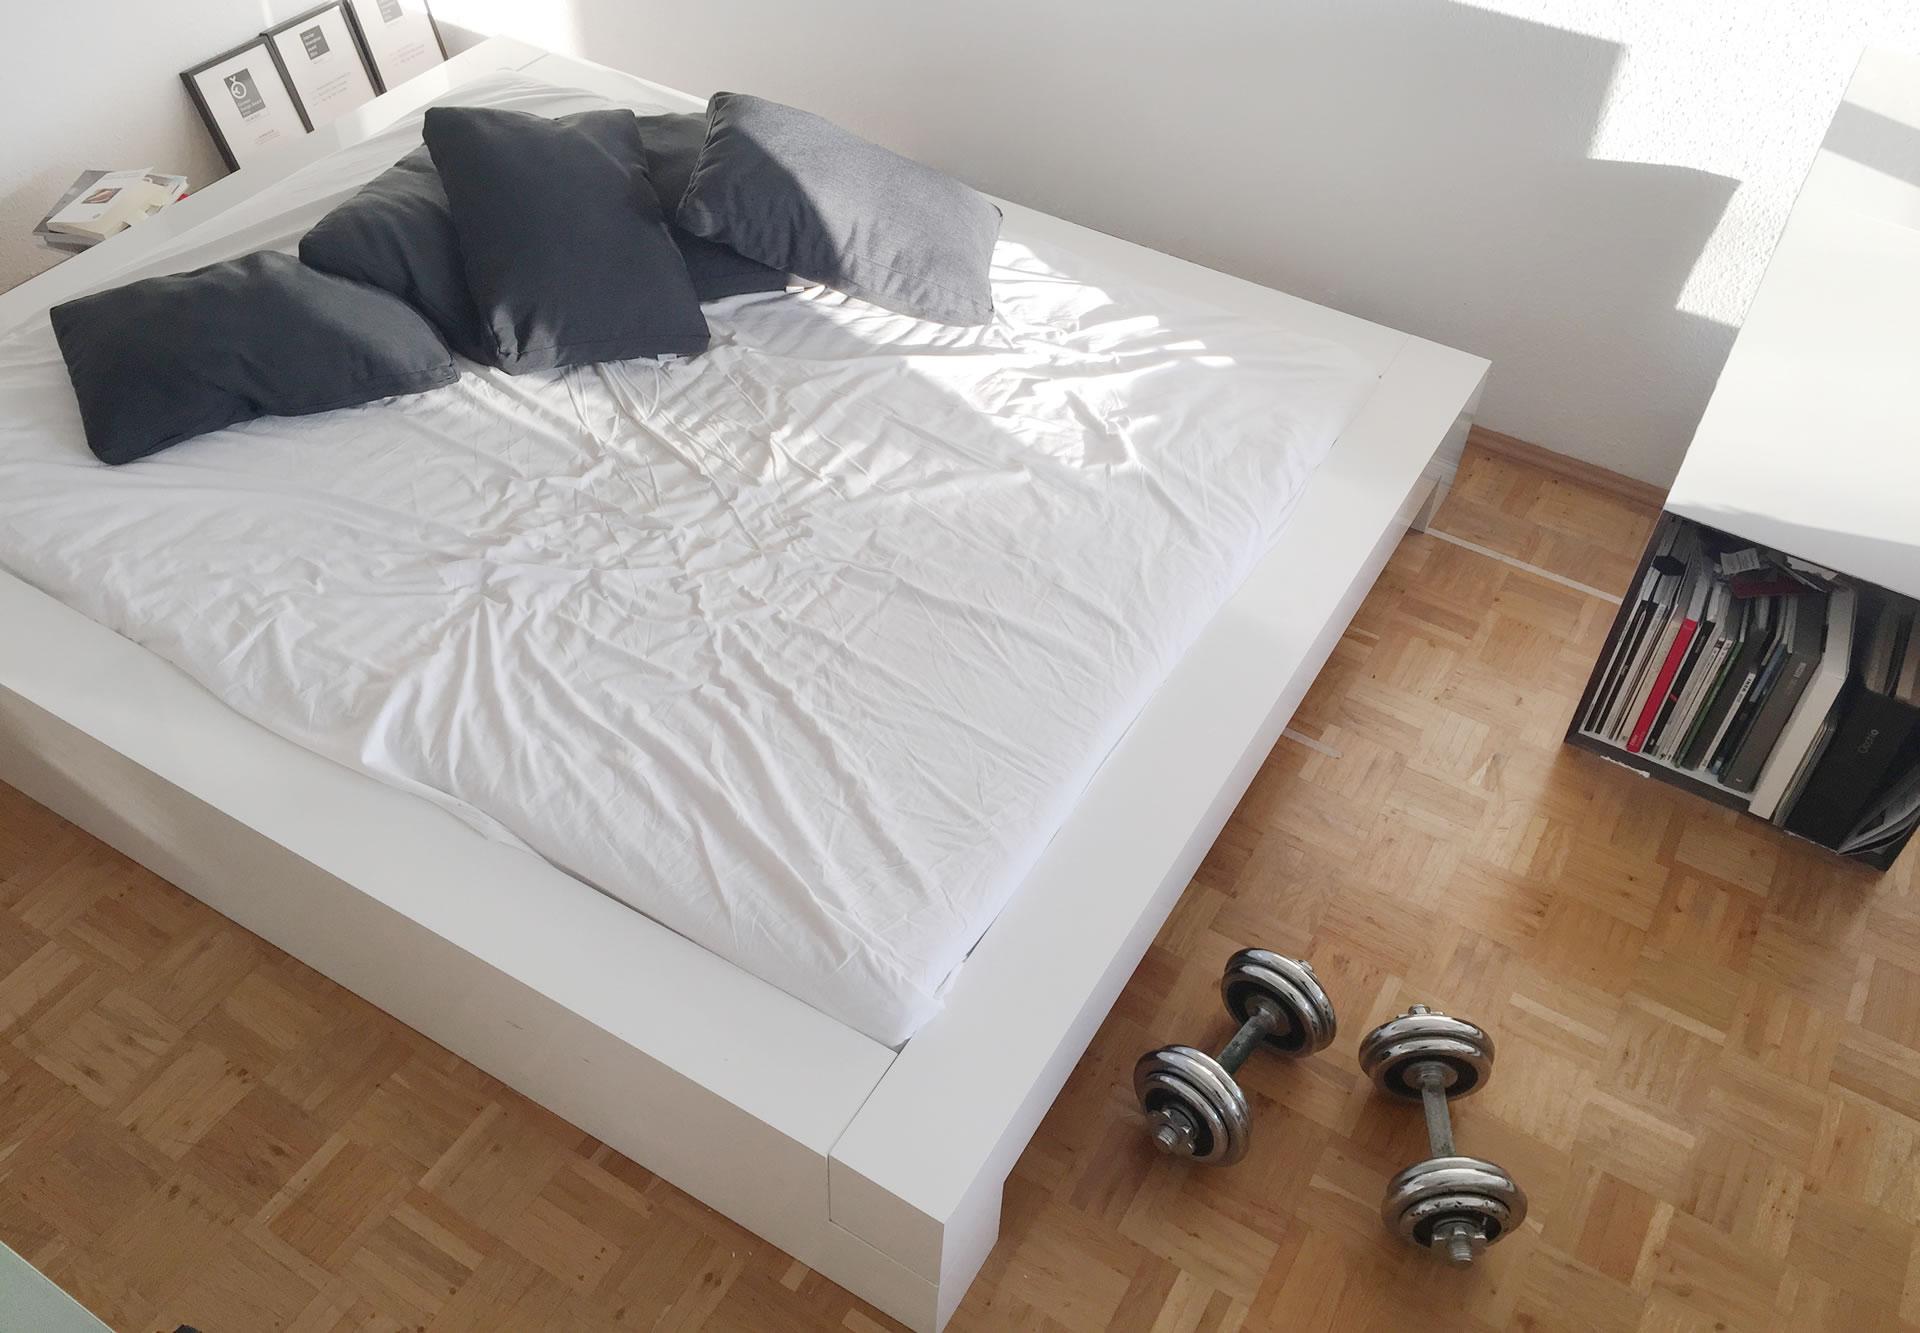 Full Size of Bett Flach Somnium Minimalistisches Design Von Flexa Betten München 160x200 Komplett Wohnwert 200x180 120x200 Mit Matratze Und Lattenrost Für übergewichtige Bett Bett Flach